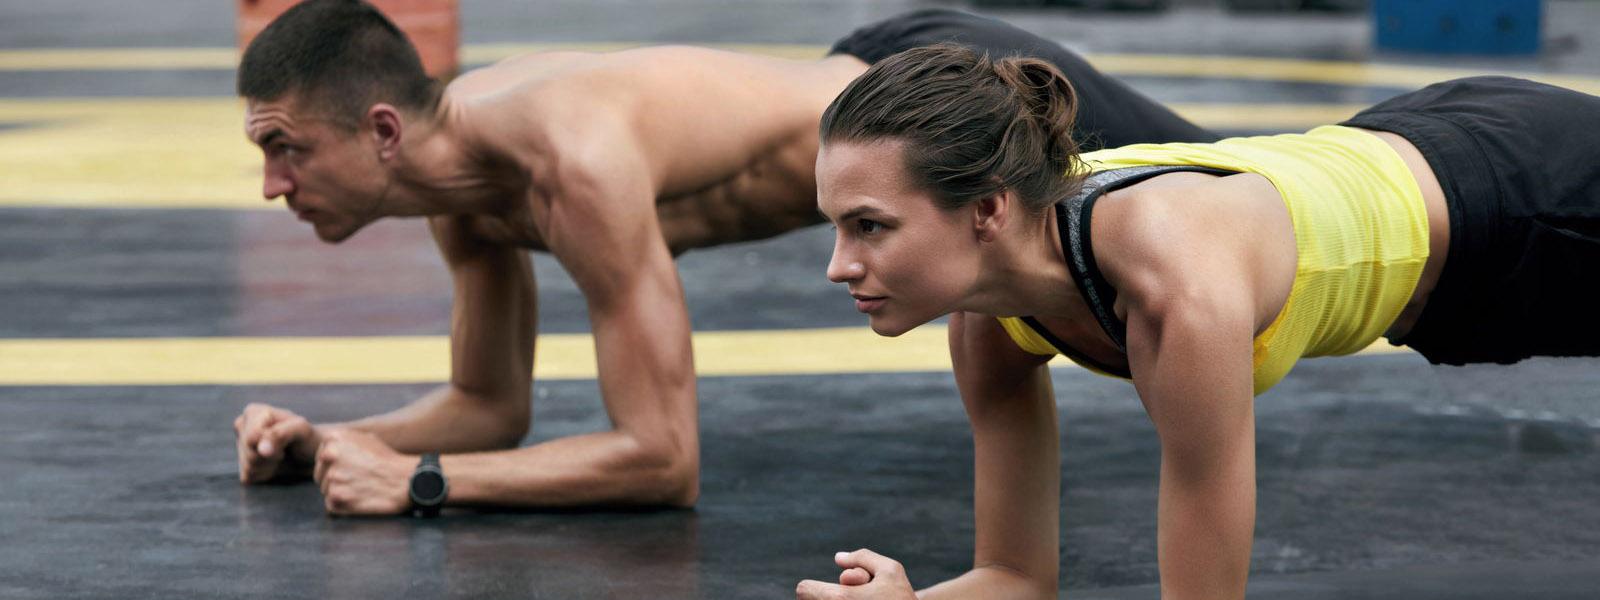 ENTRENAMIENTO: ¿Cuánto demoraremos en recuperar nuestro estado físico?